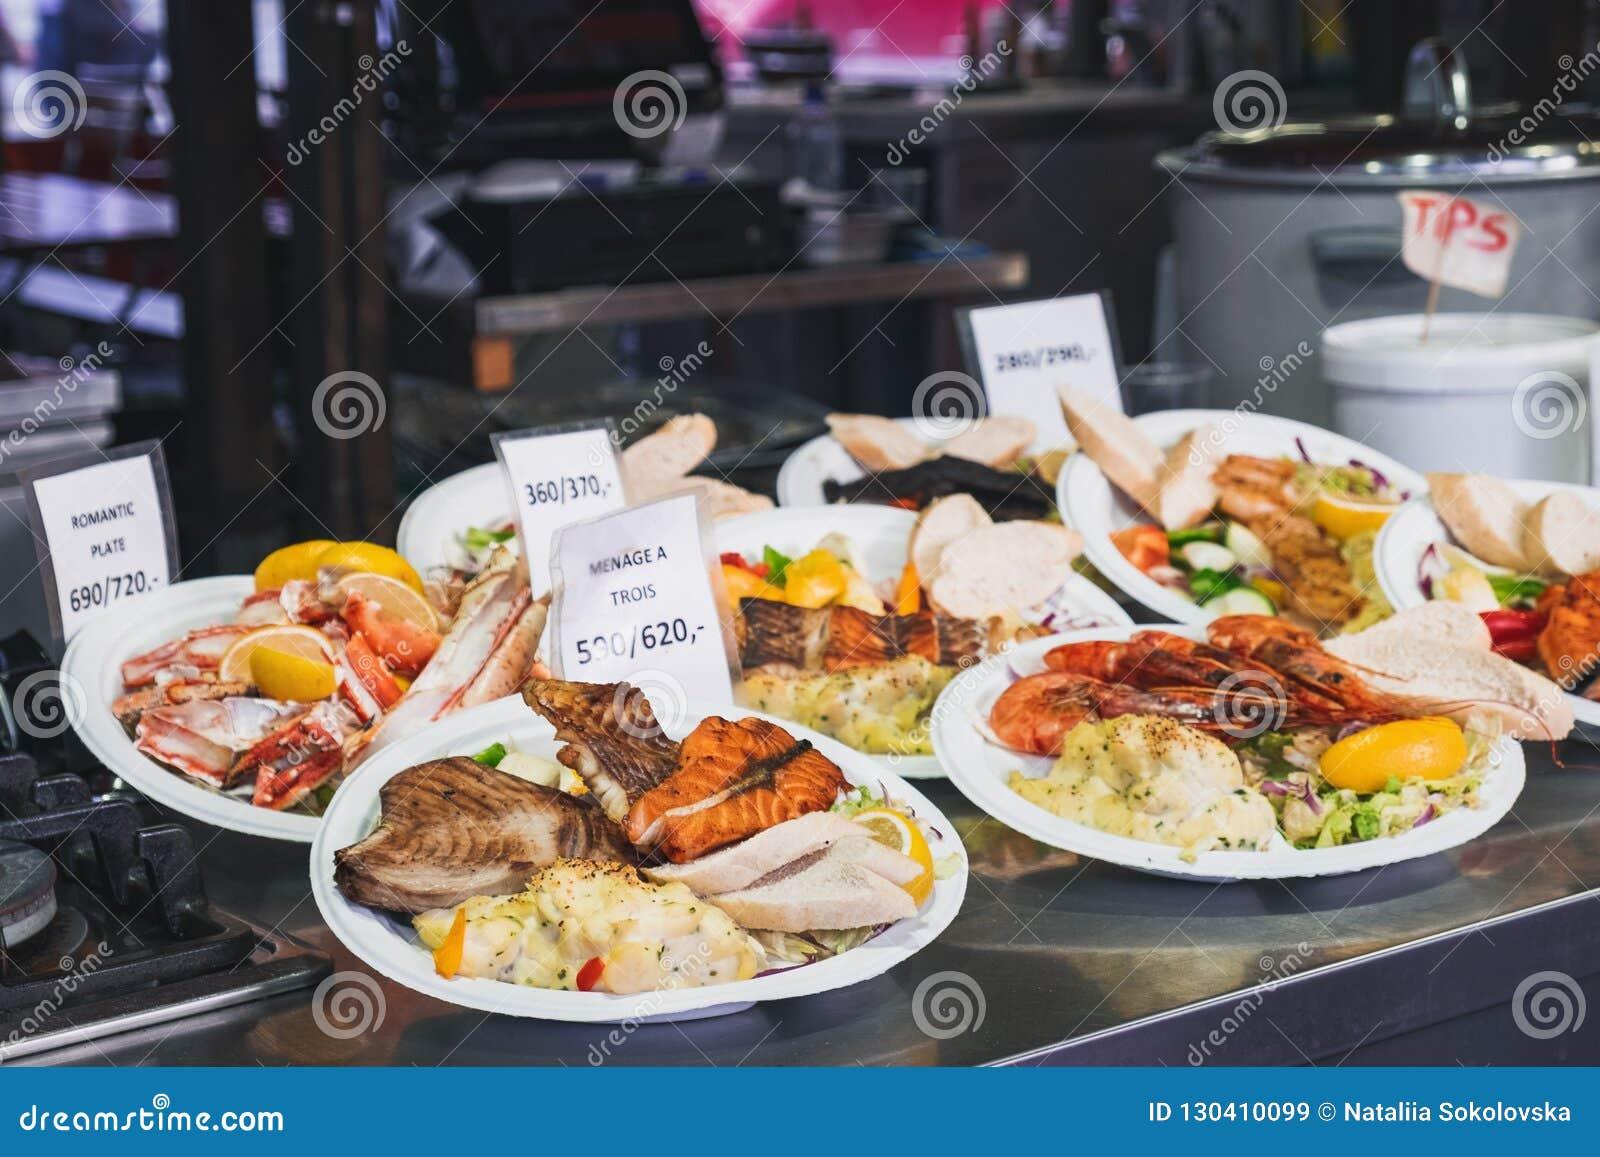 Τρόφιμα οδών στην αγορά ψαριών του Μπέργκεν, Νορβηγία